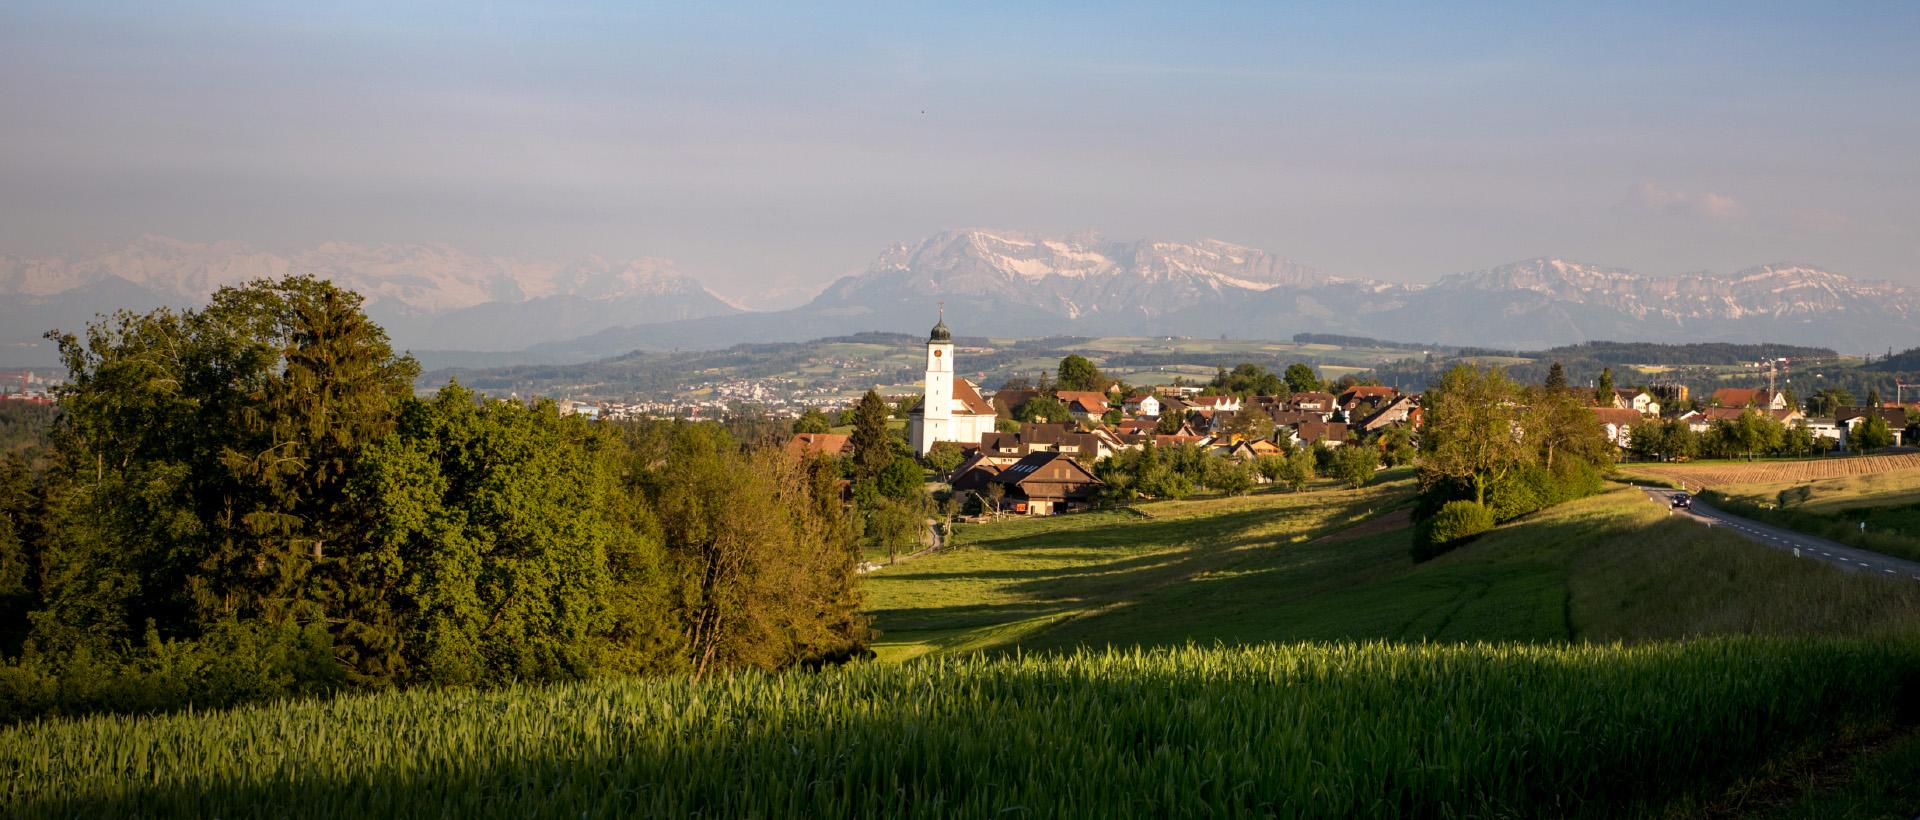 Knutwil